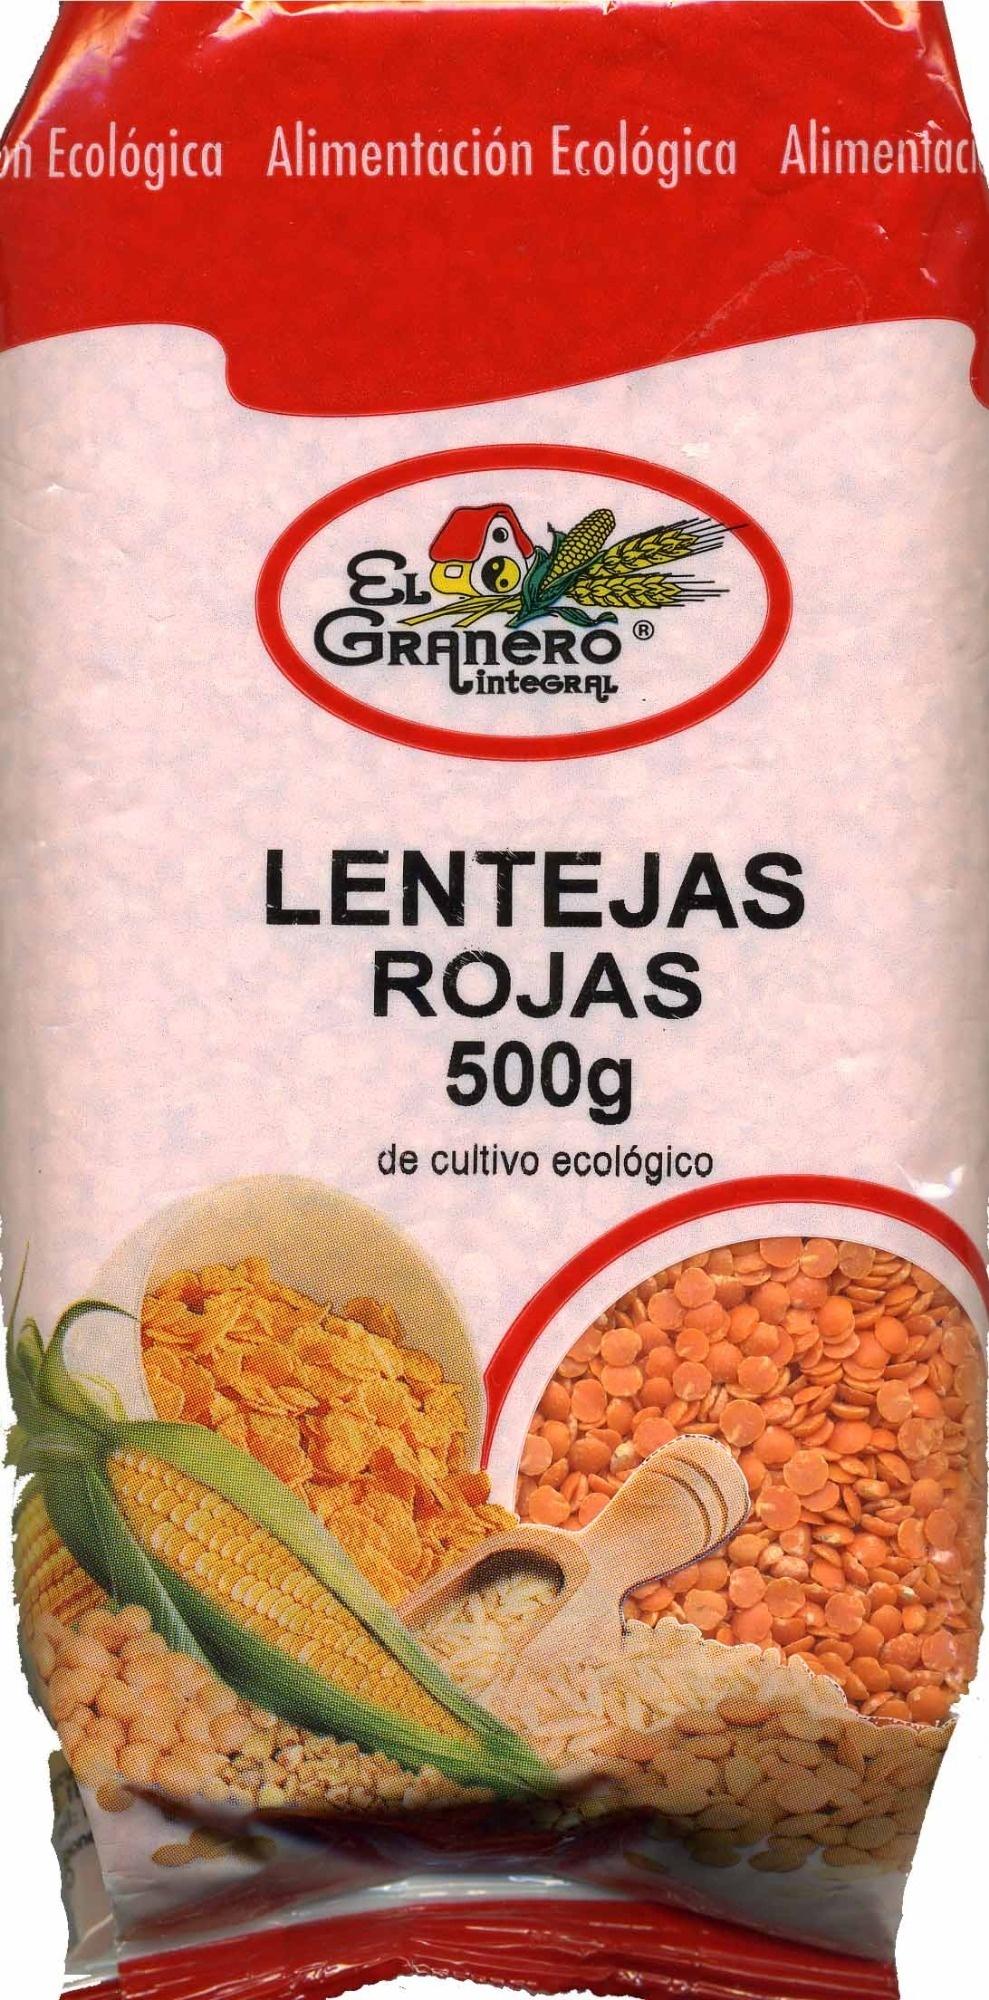 Lentejas rojas de cultivo ecológico - Product - es